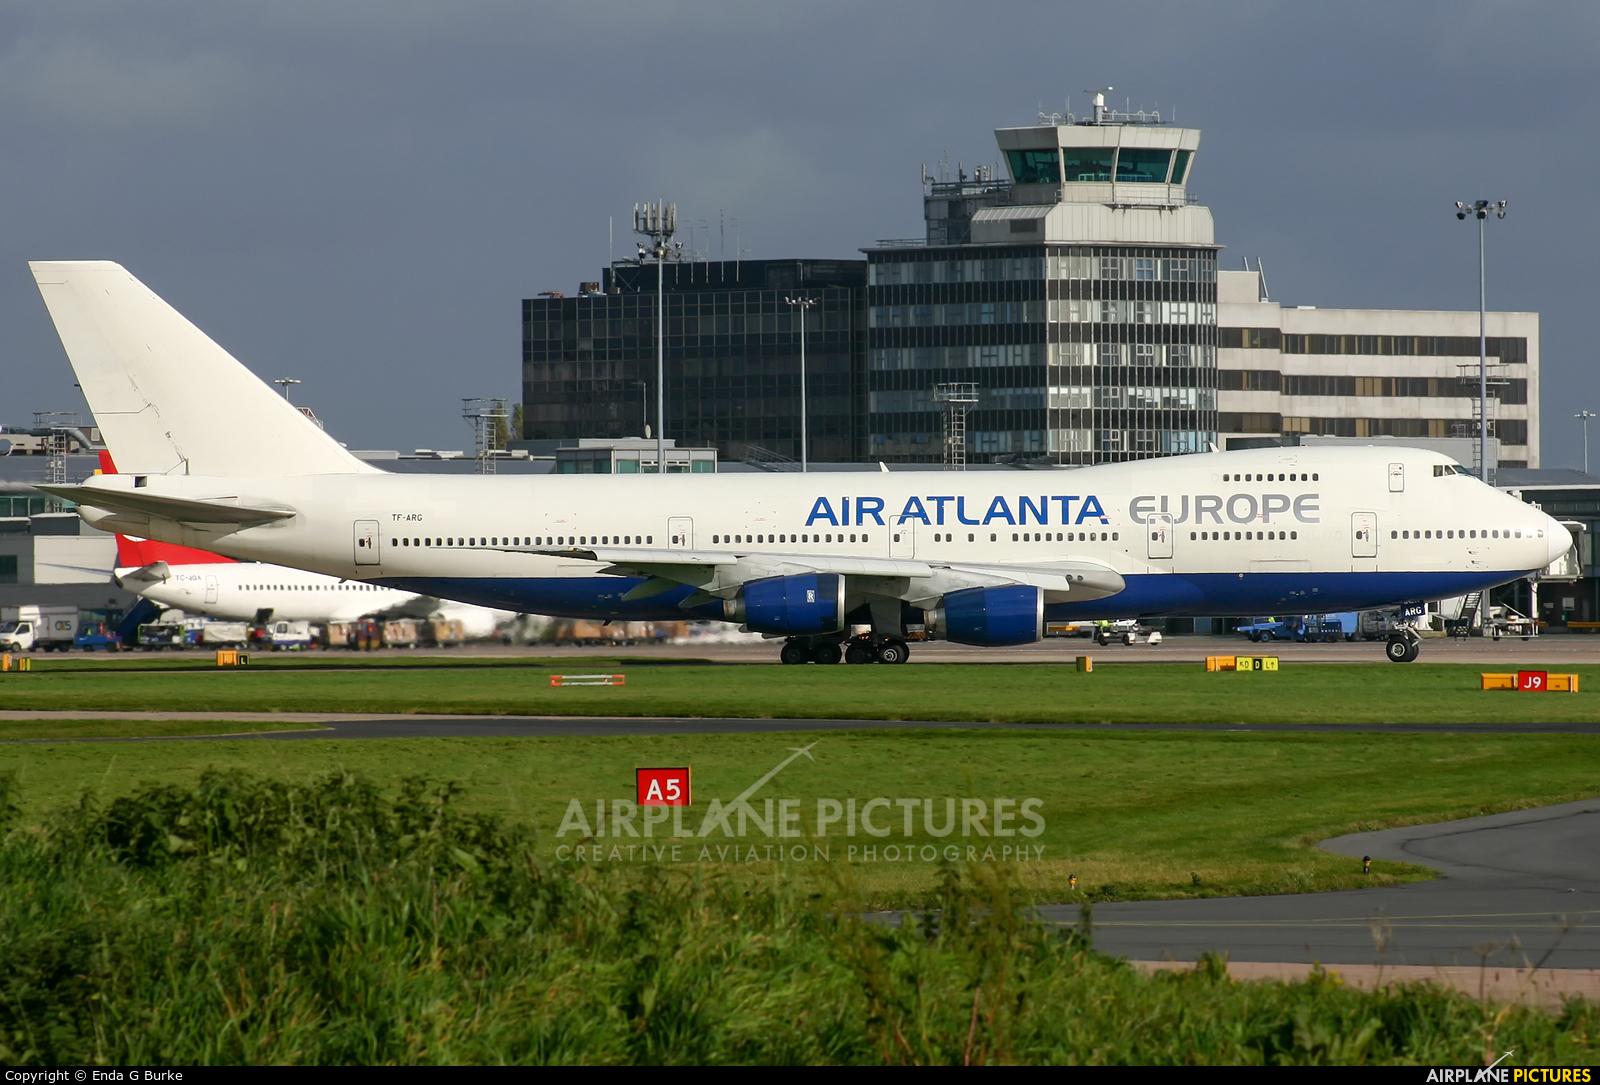 Air Atlanta Europe TF-ARG aircraft at Manchester